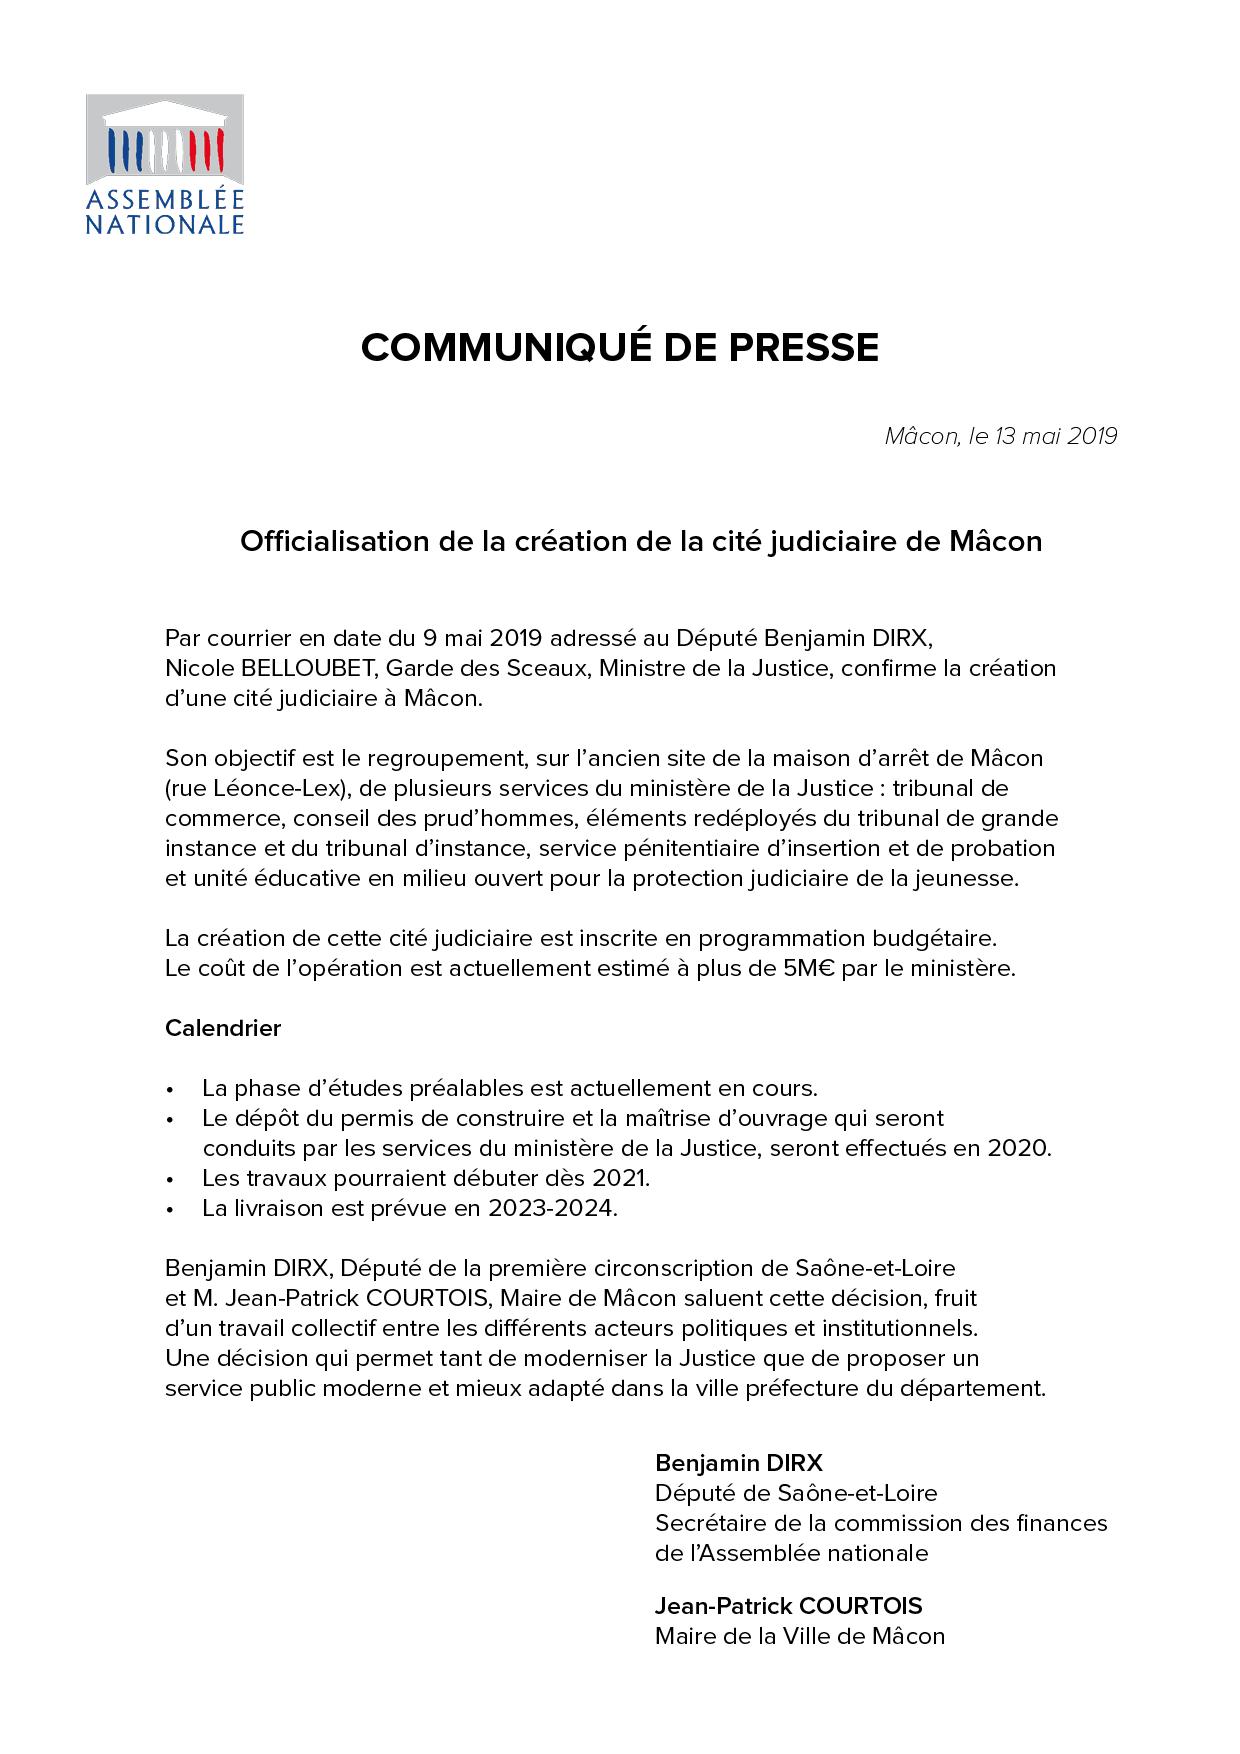 CP-Cité-Judiciaire-13.05.2019.png